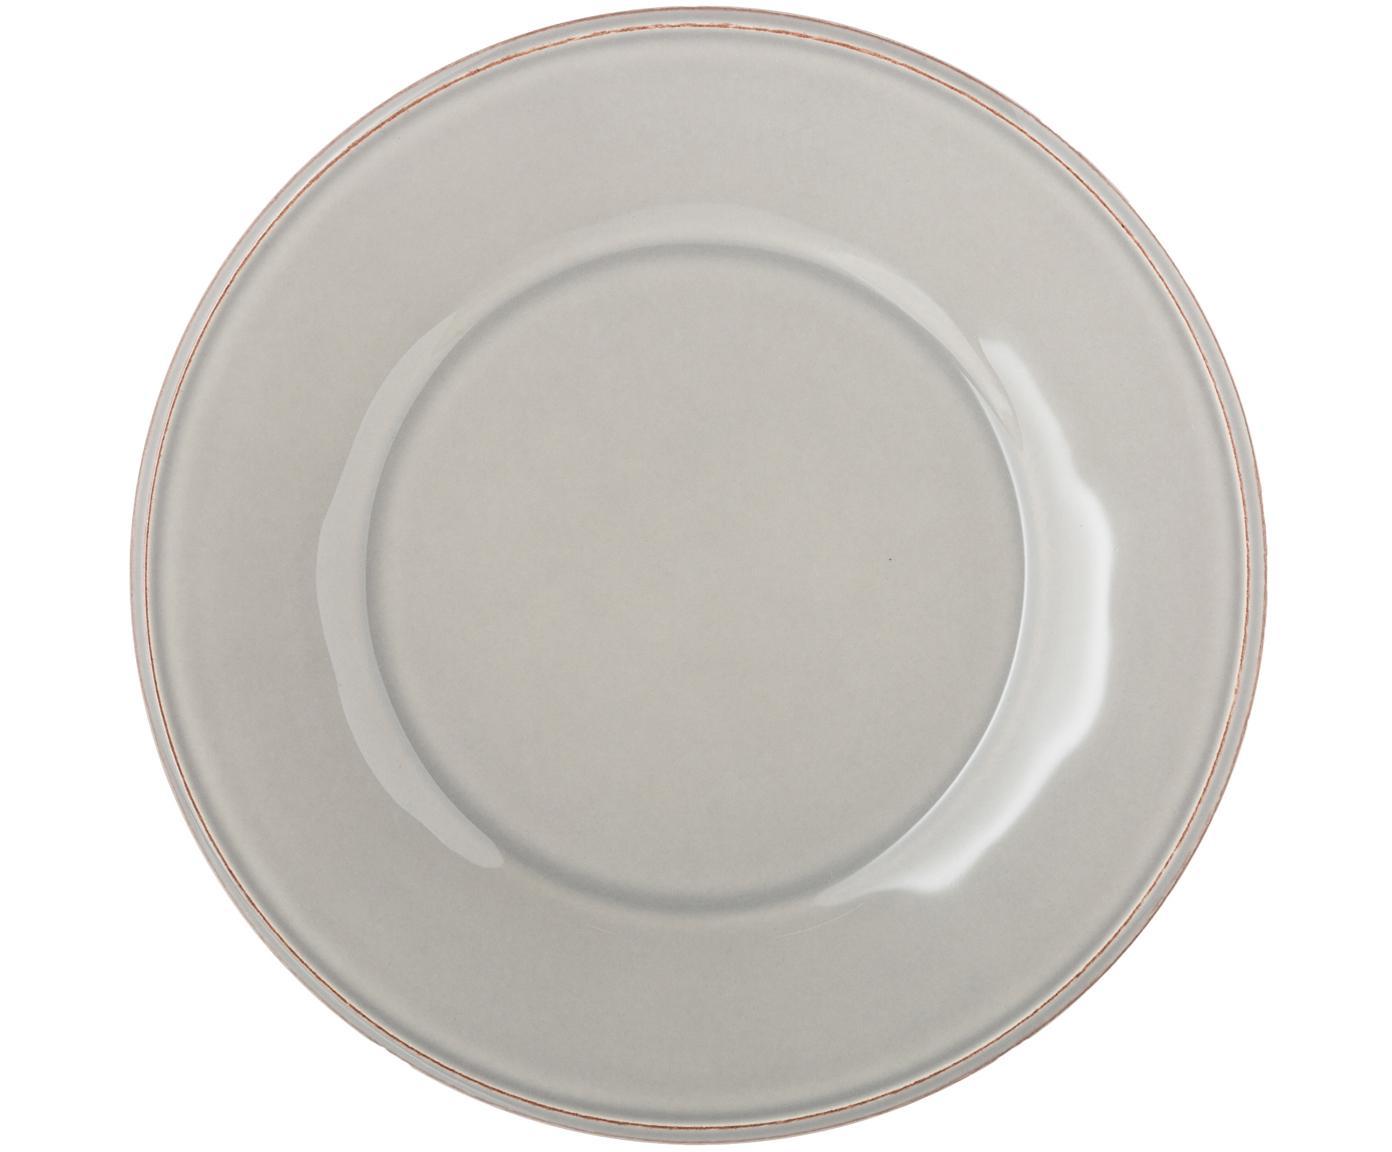 Piatto da colazione grigio chiaro Constance 2 pz, Ceramica, Grigio chiaro, Ø 24 cm